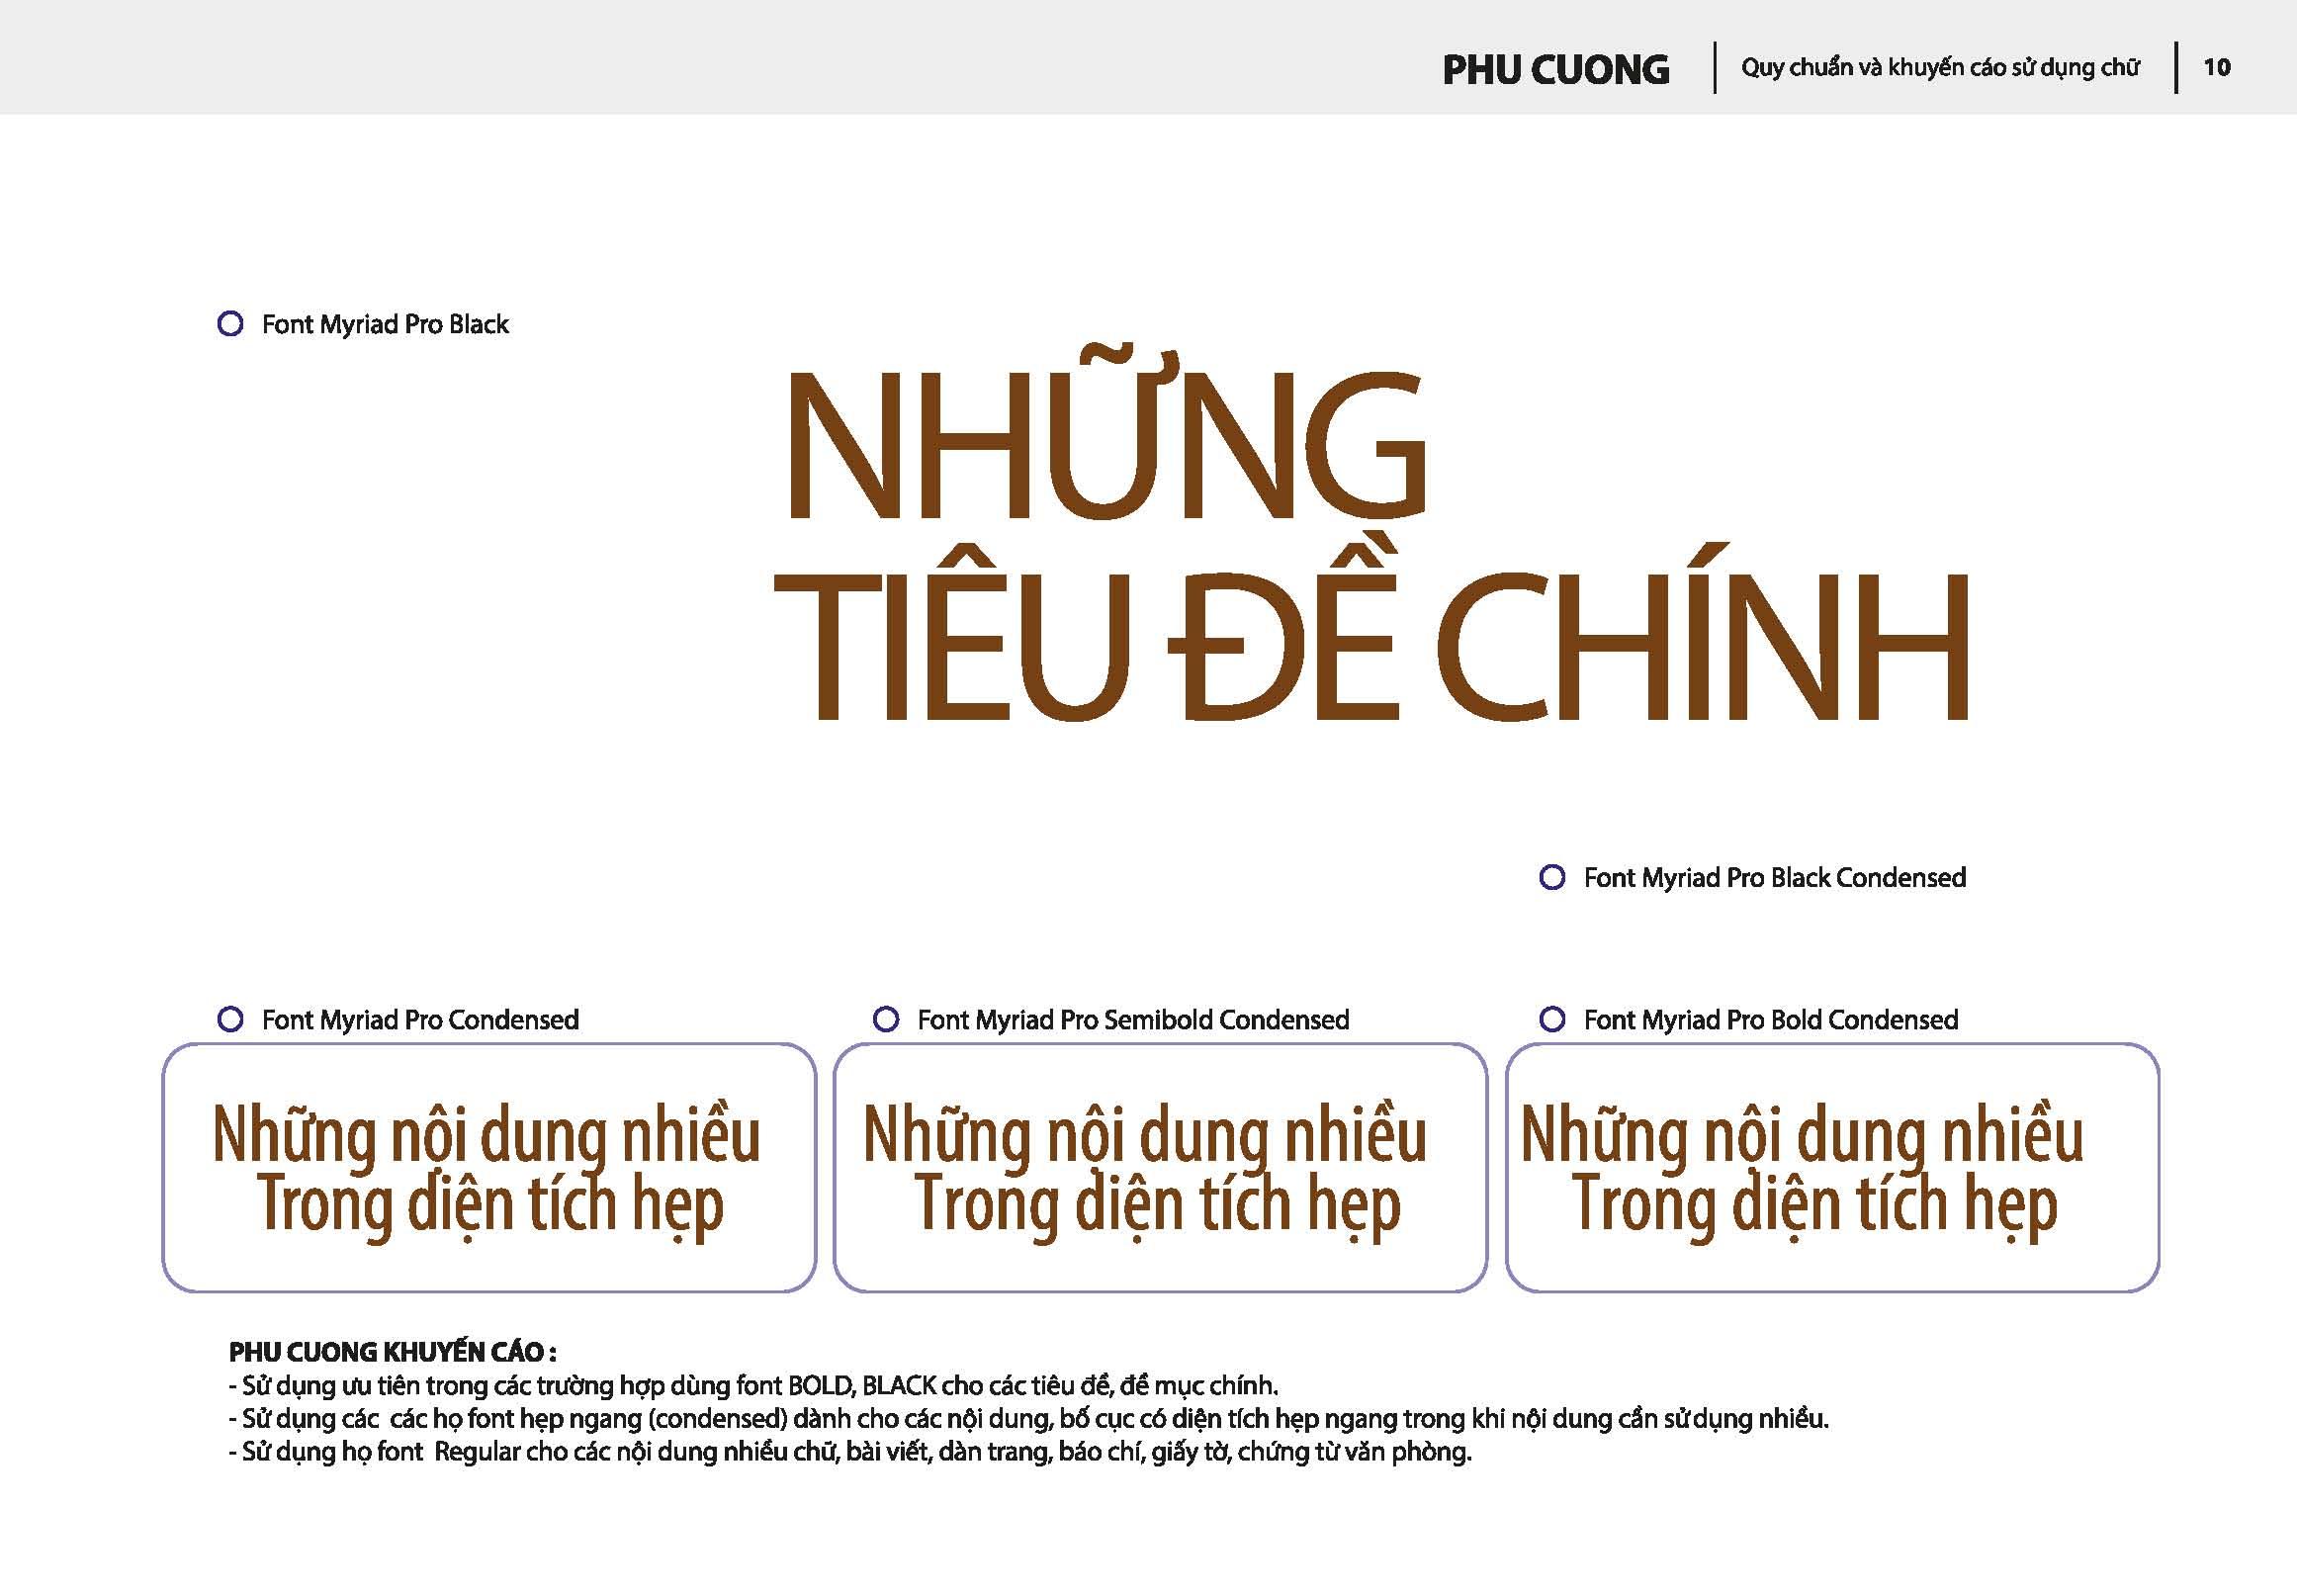 nhan dien thuong hieu Phu Cuong_Page_11